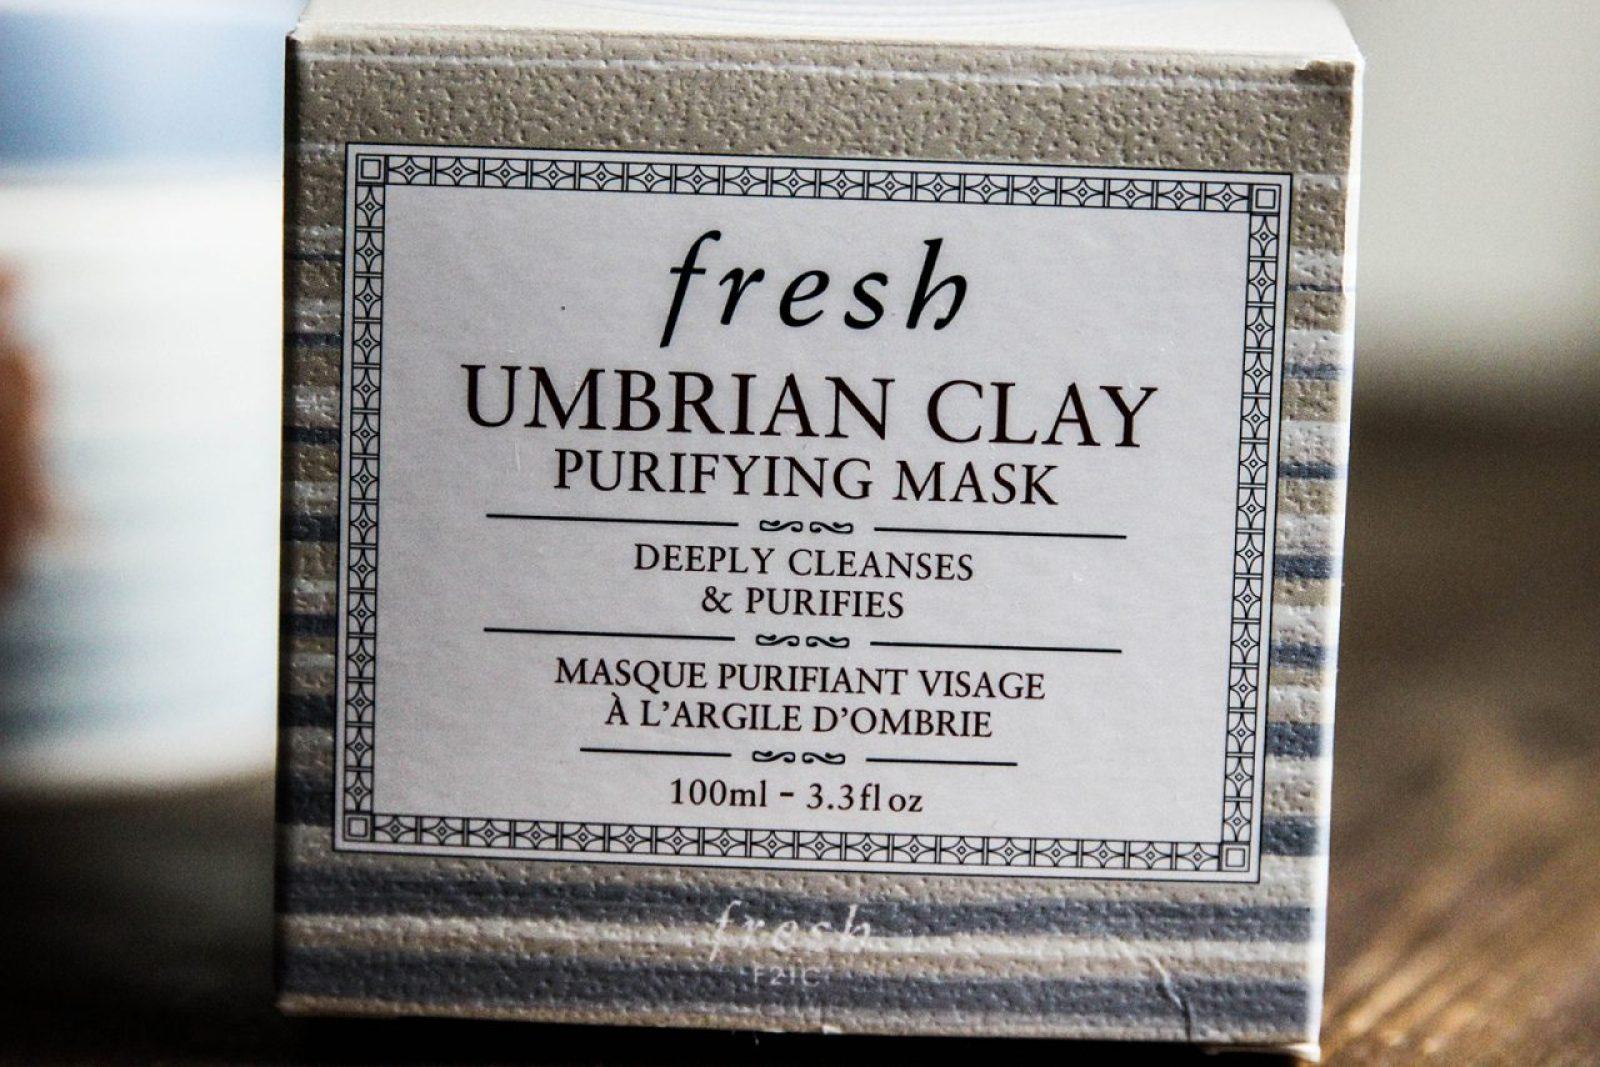 FRESH_Umbrian Clay_Purifying Mask_purifiant24